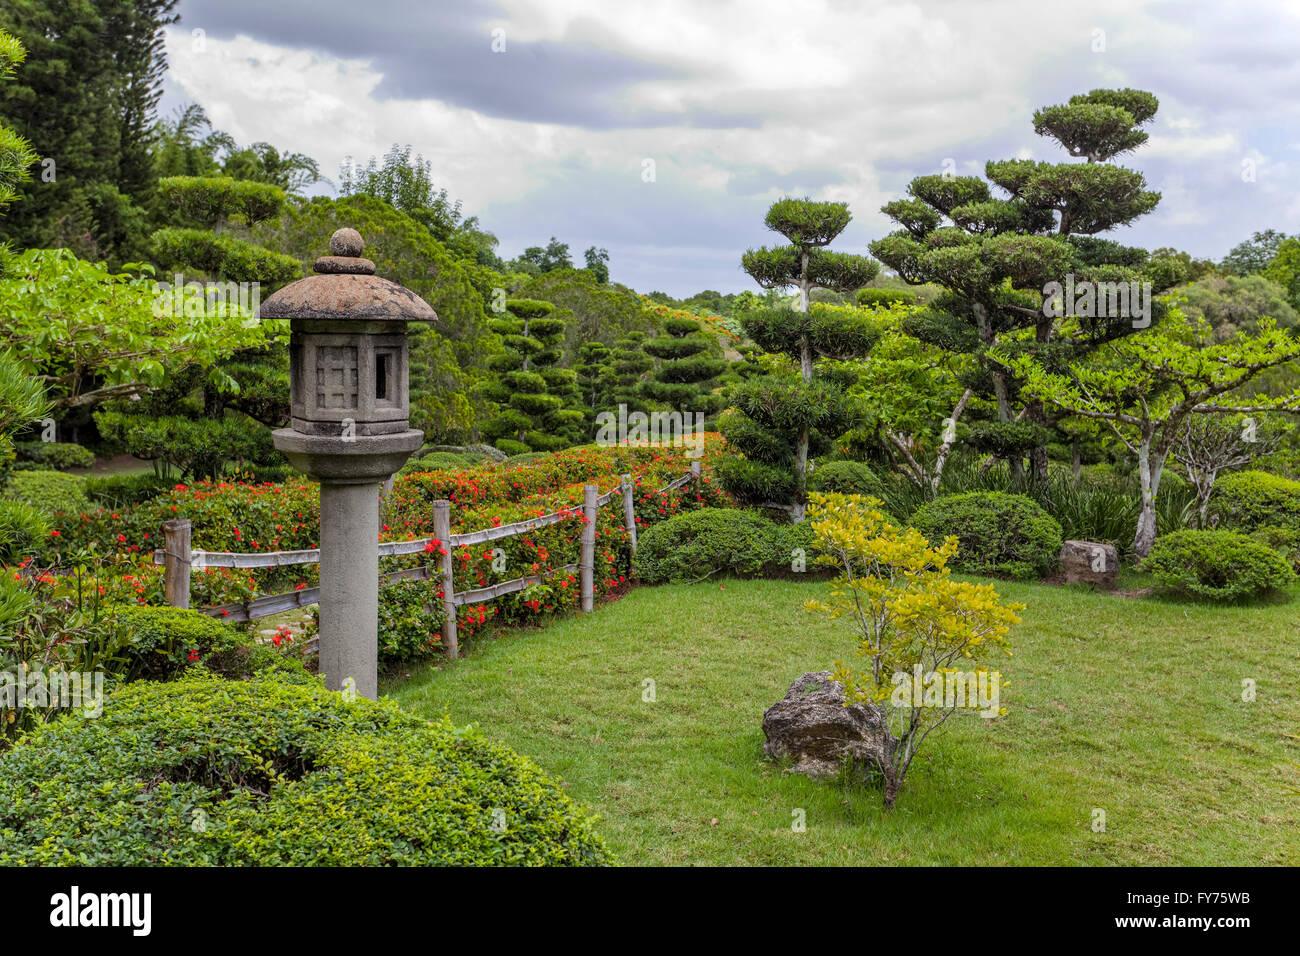 Japanese Garden At The Jardin Botanico National Dr. Rafael María Moscoso,  National Botanical Garden, Santo Domingo